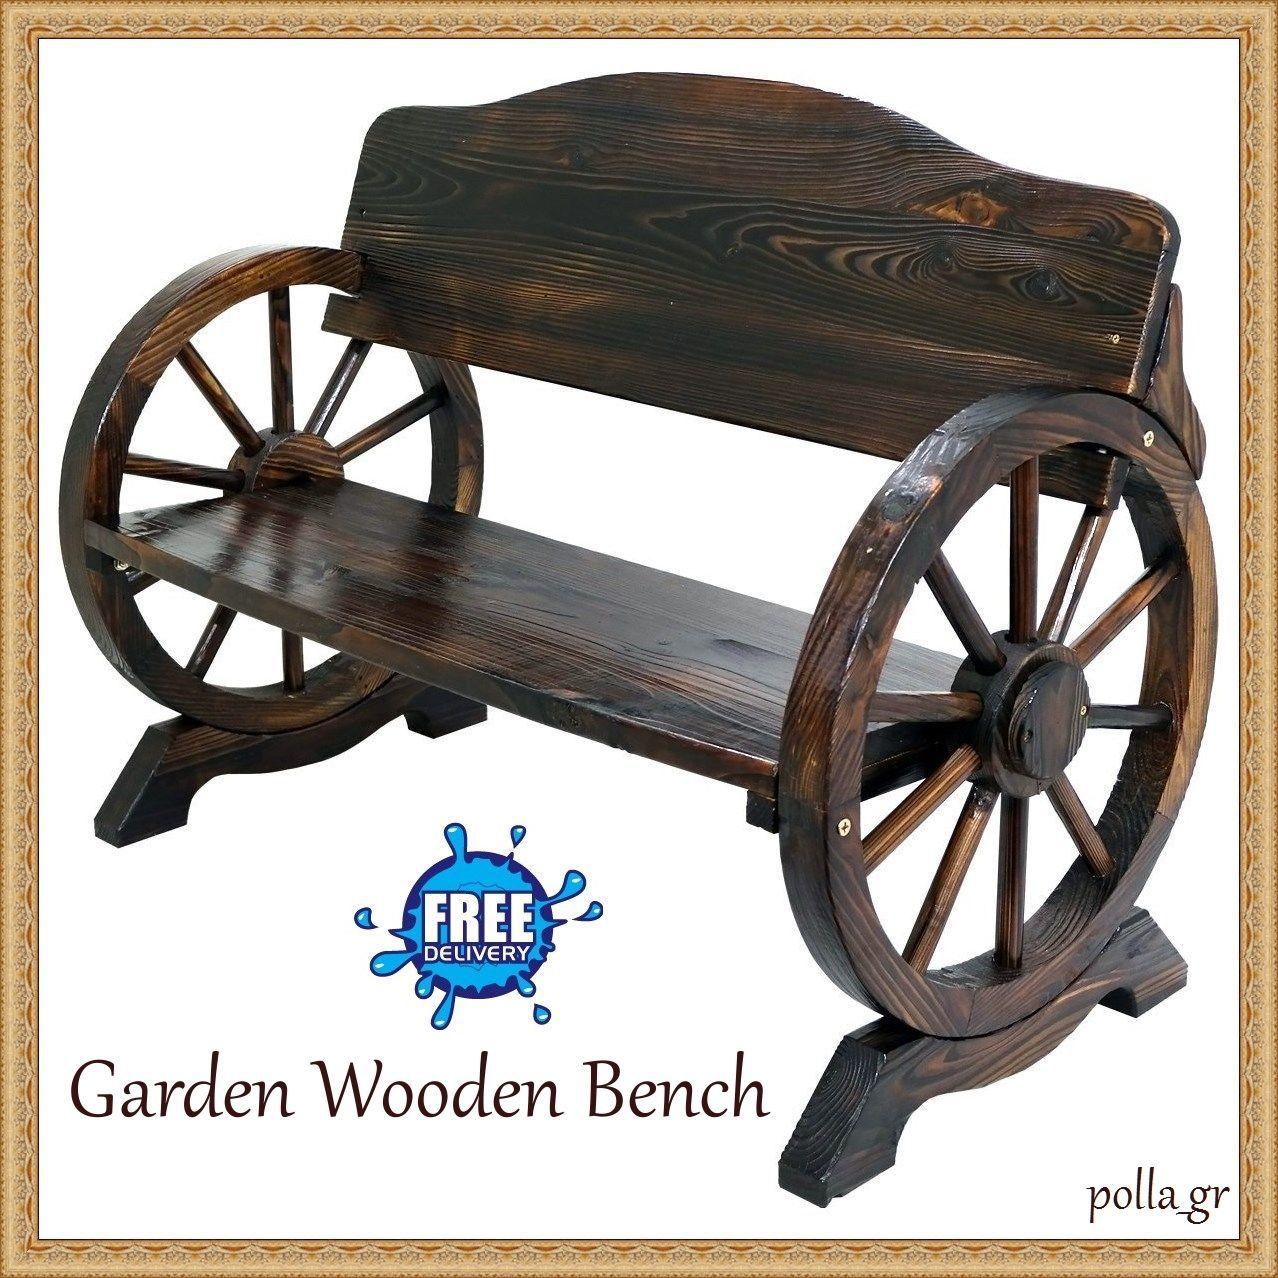 Garden Wooden Bench Patio Outdoor Furniture Deck Porch 400 x 300